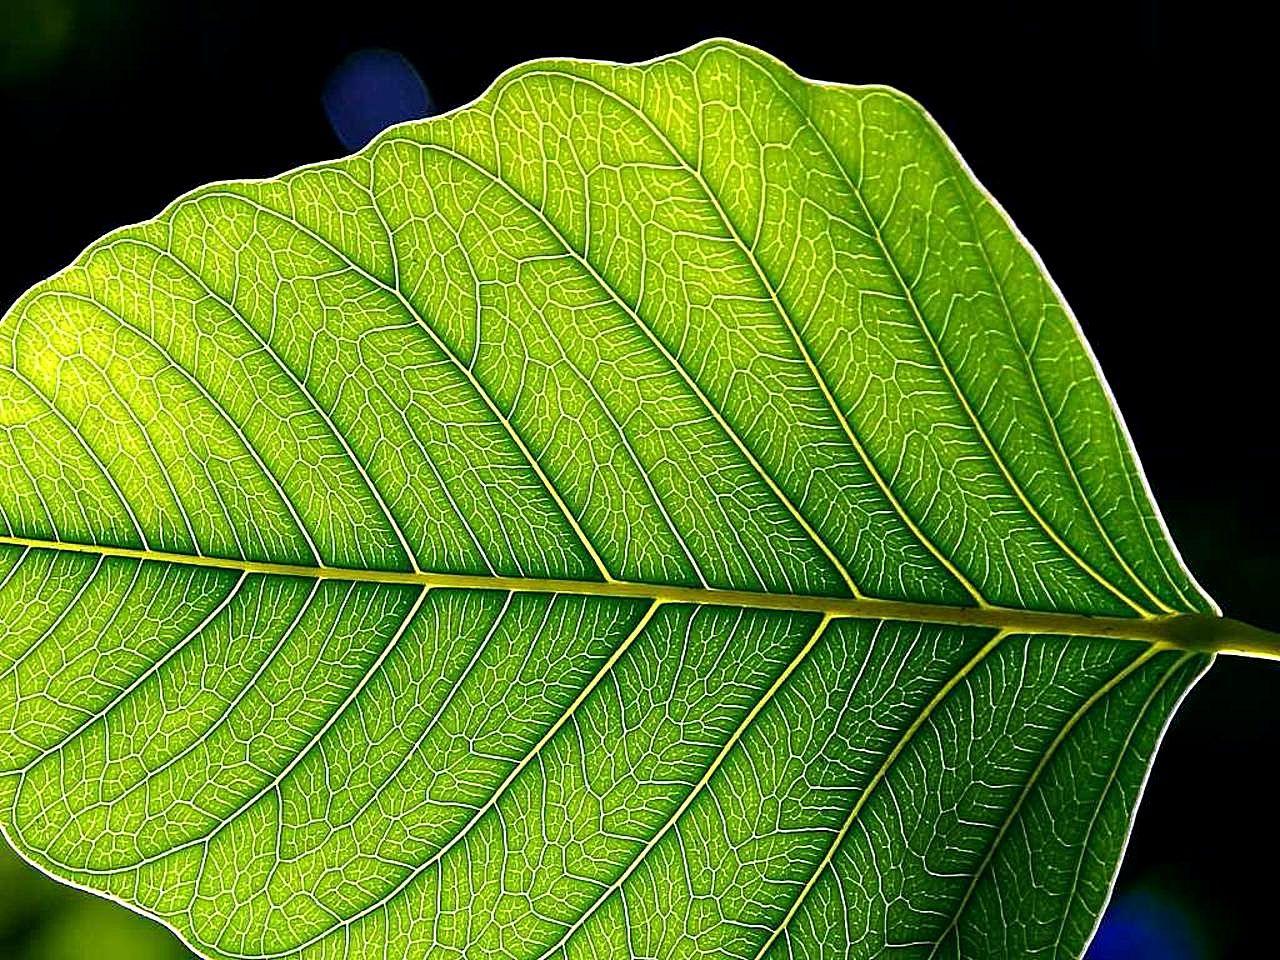 File:Green leaf leaves.jpg - Wikimedia Commons